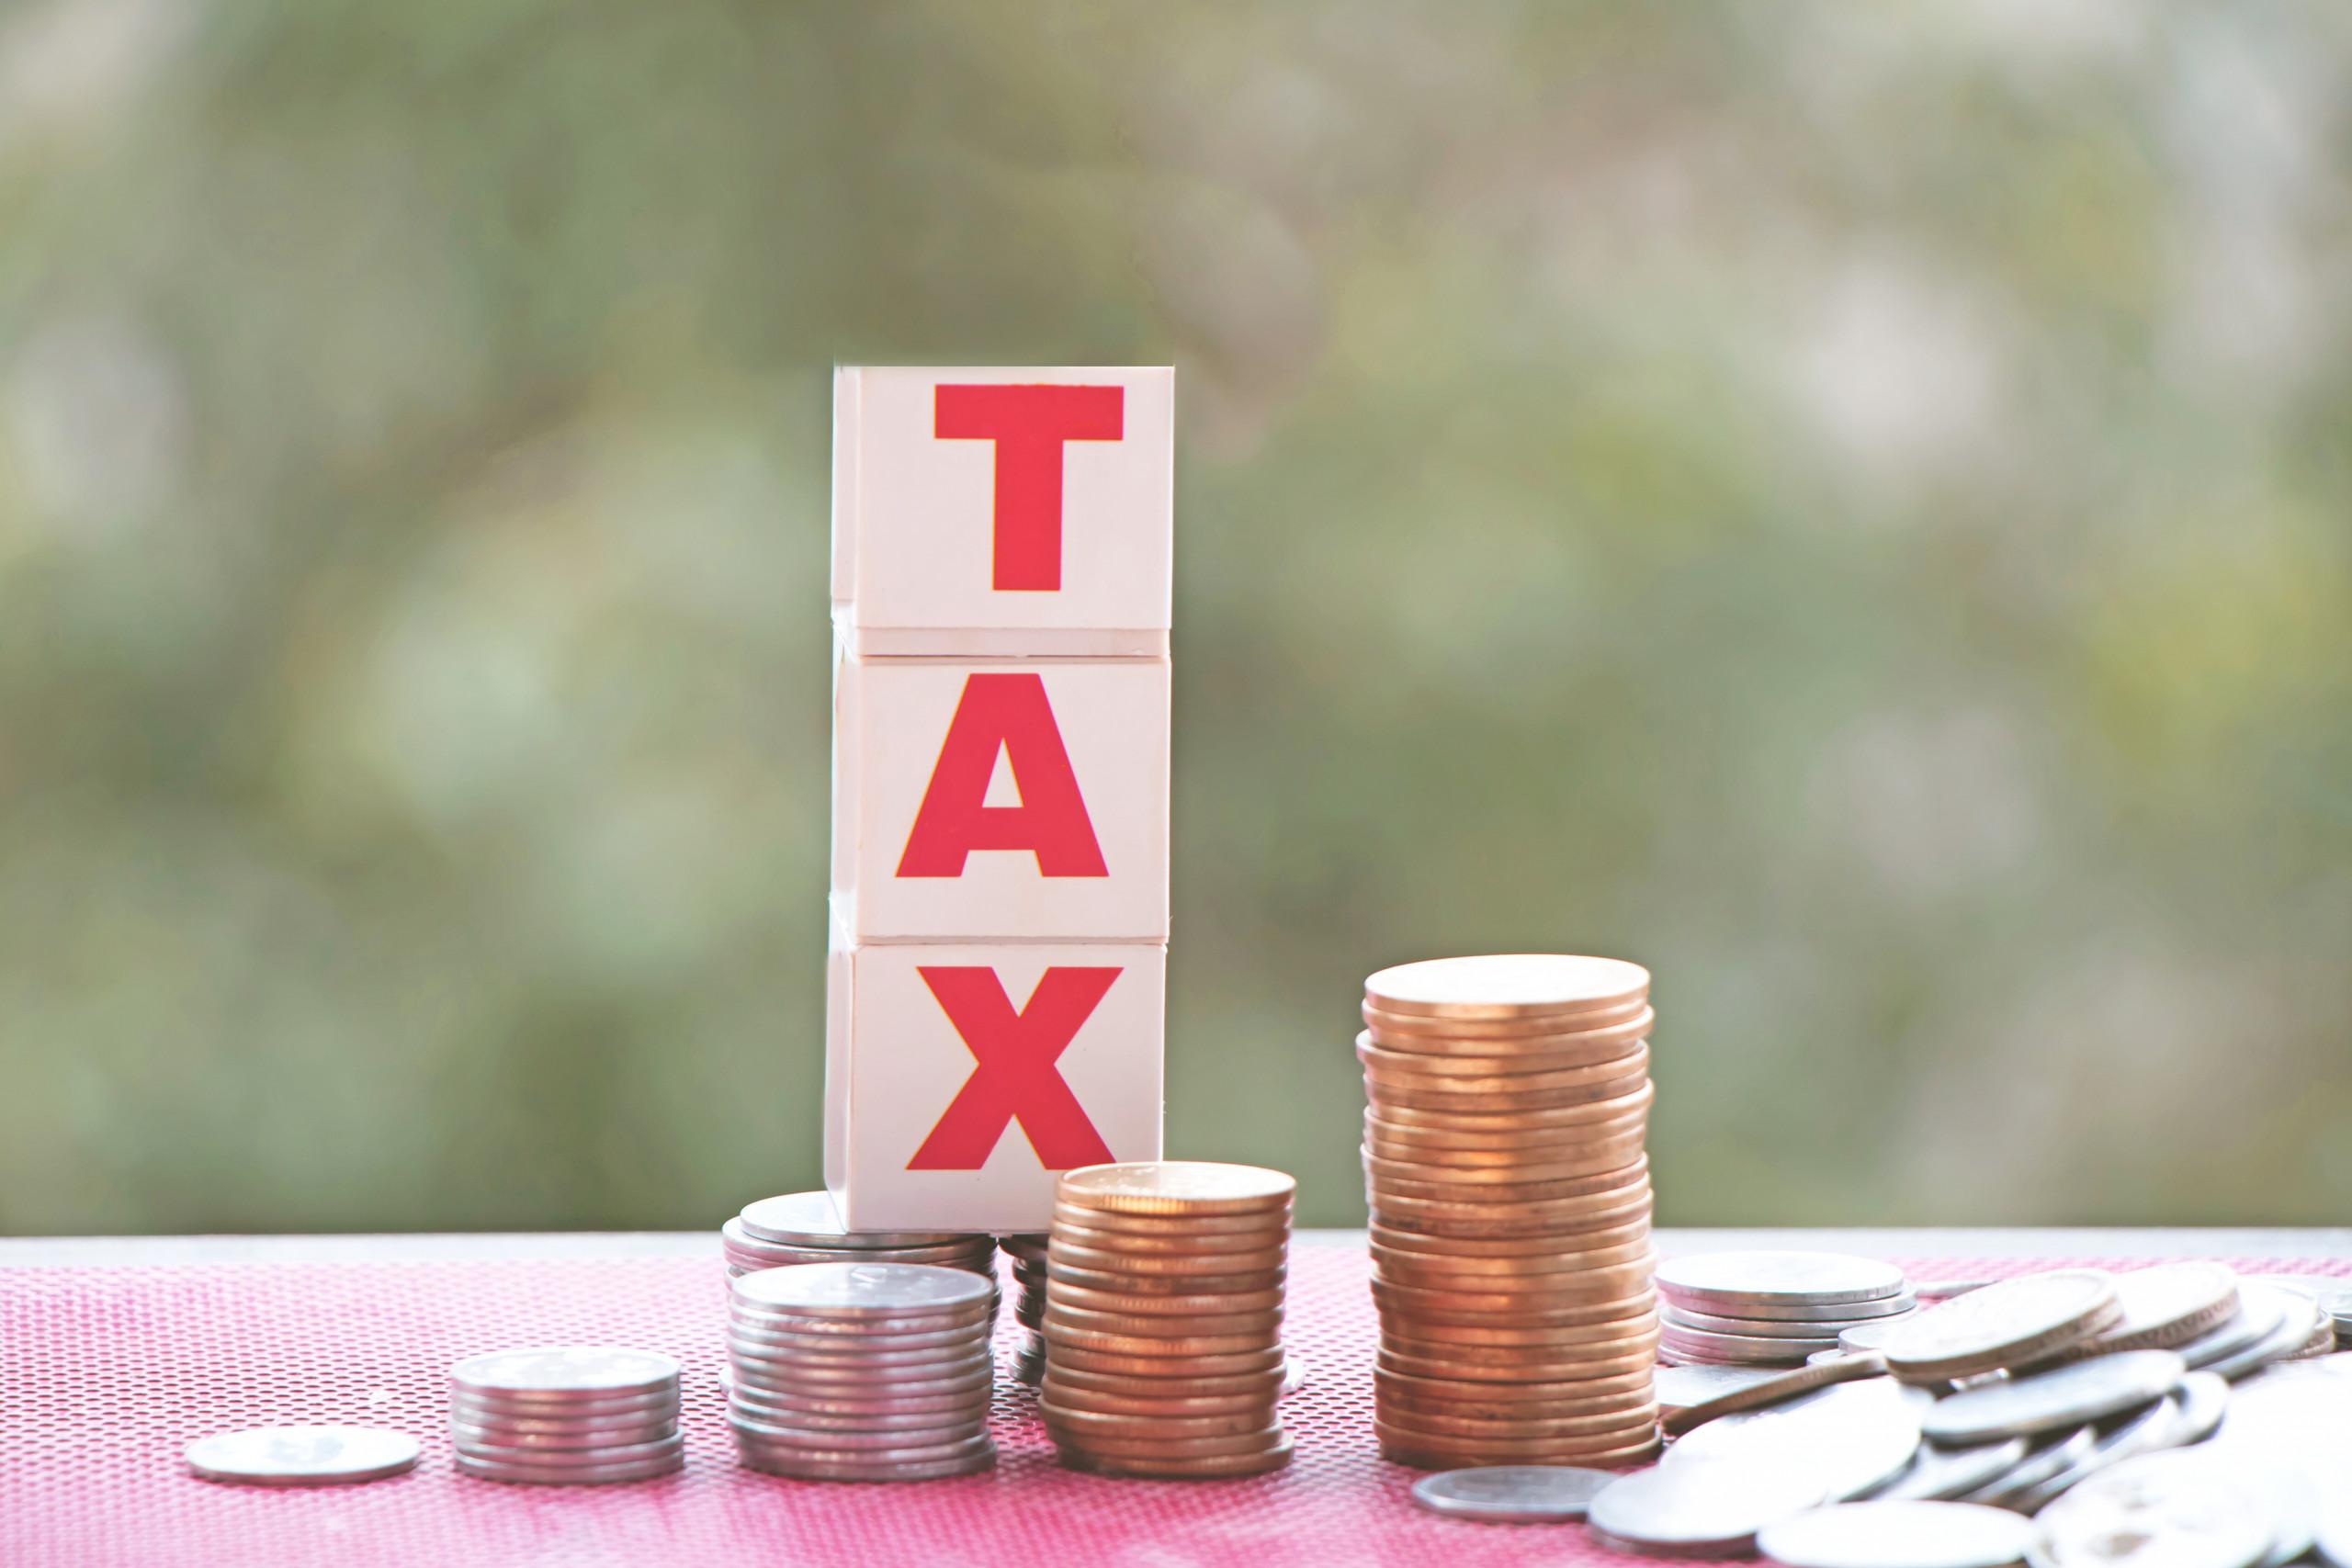 Tax, Tax reporting